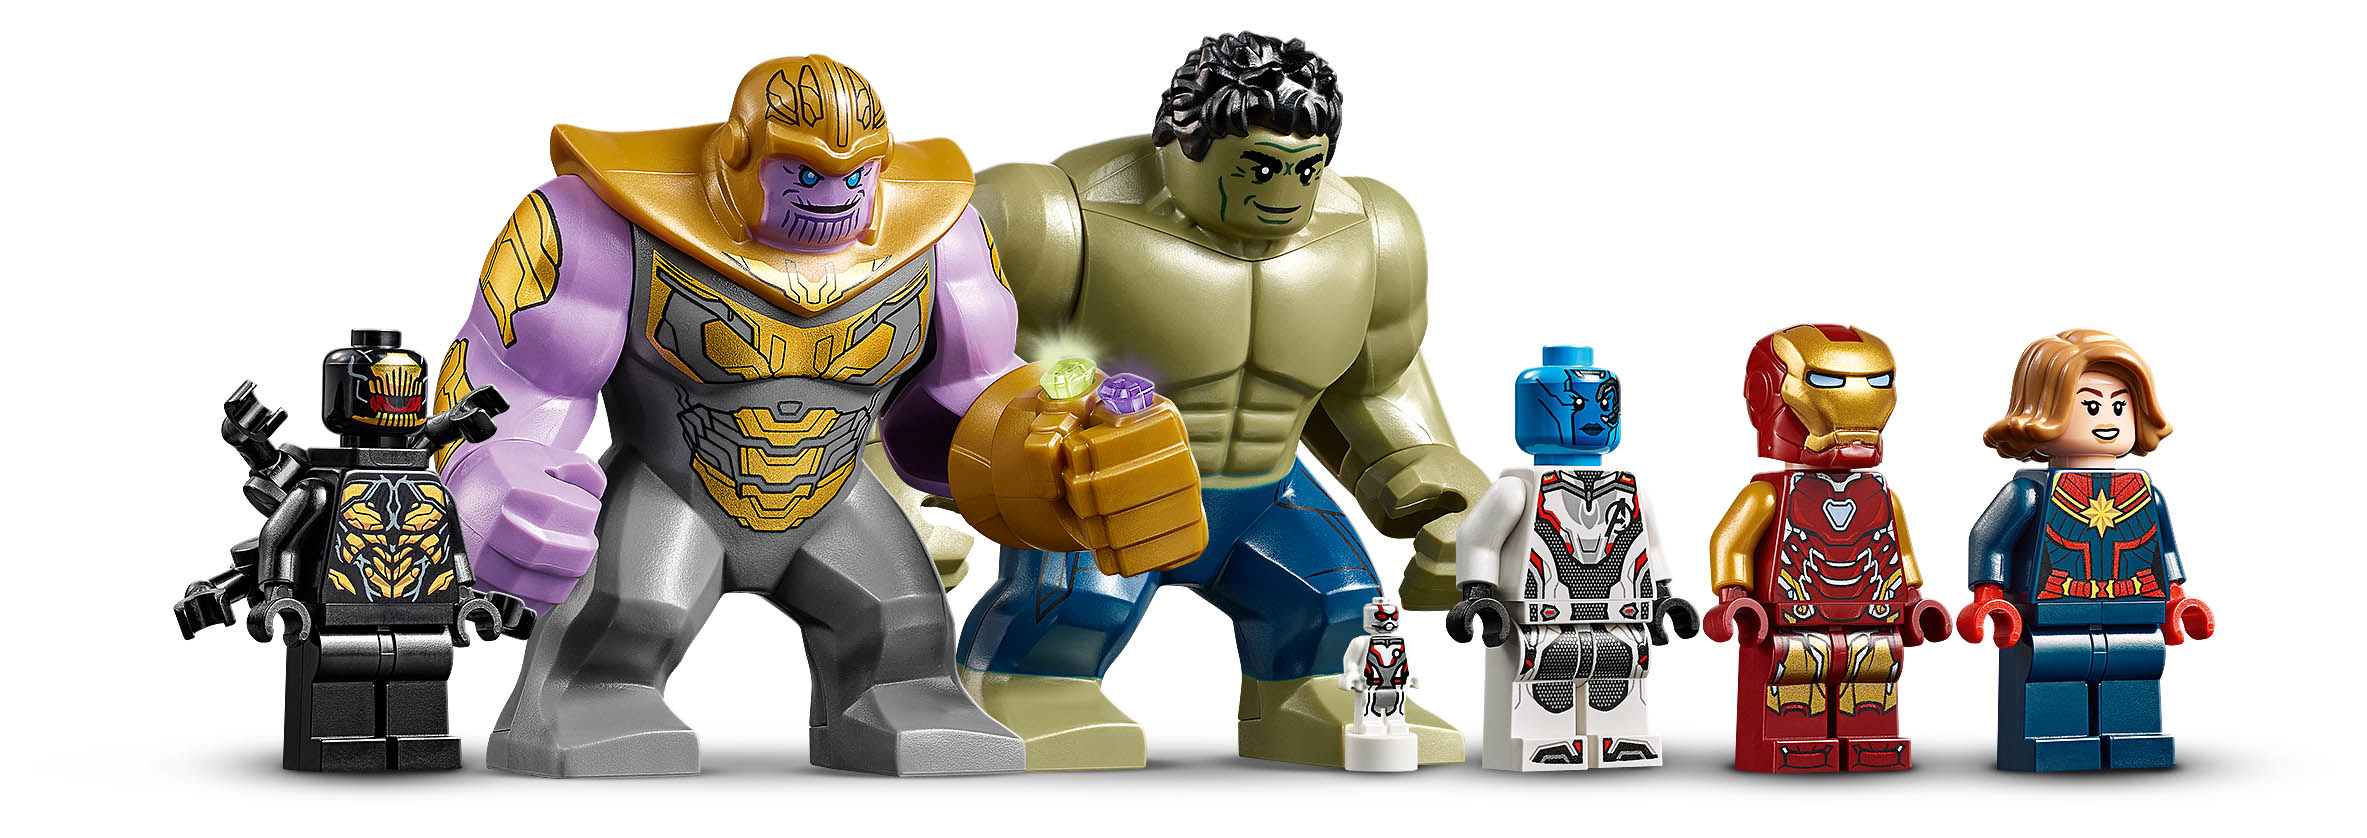 Avengers HQ Minifigure Lineup